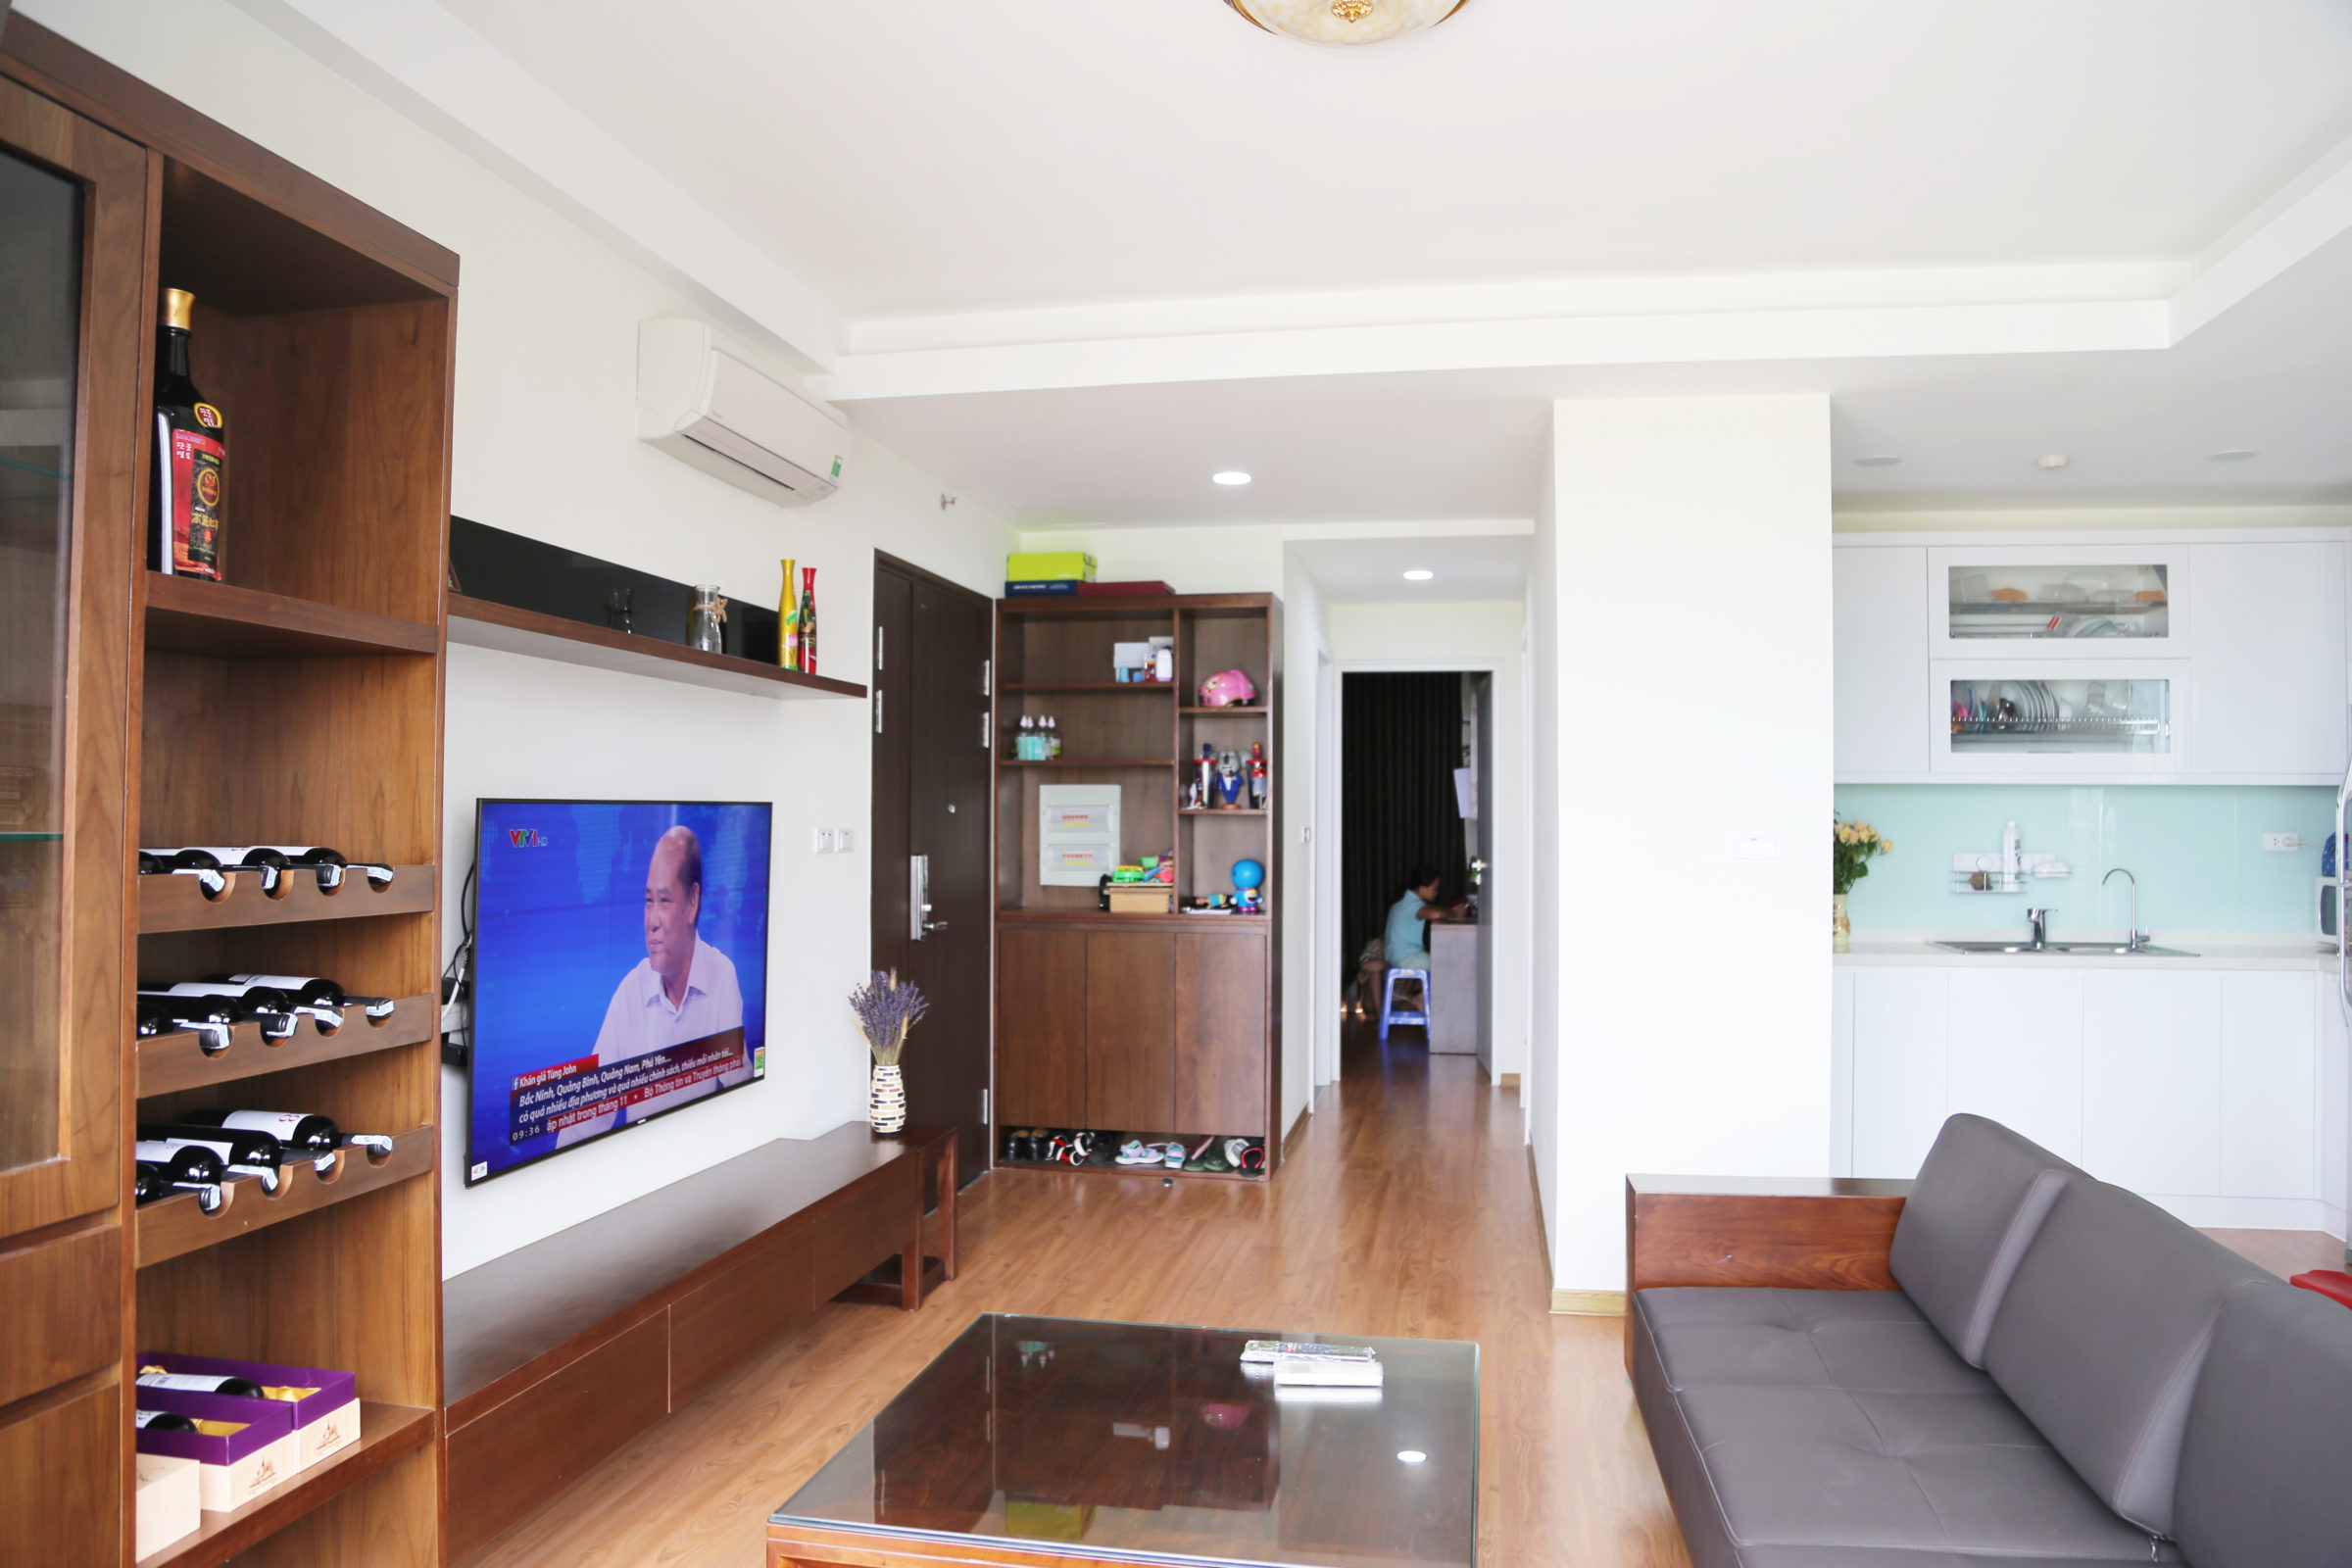 Thiết kế và thi công nội thất căn hộ anh Hải – chung cư Anland Dương Nội